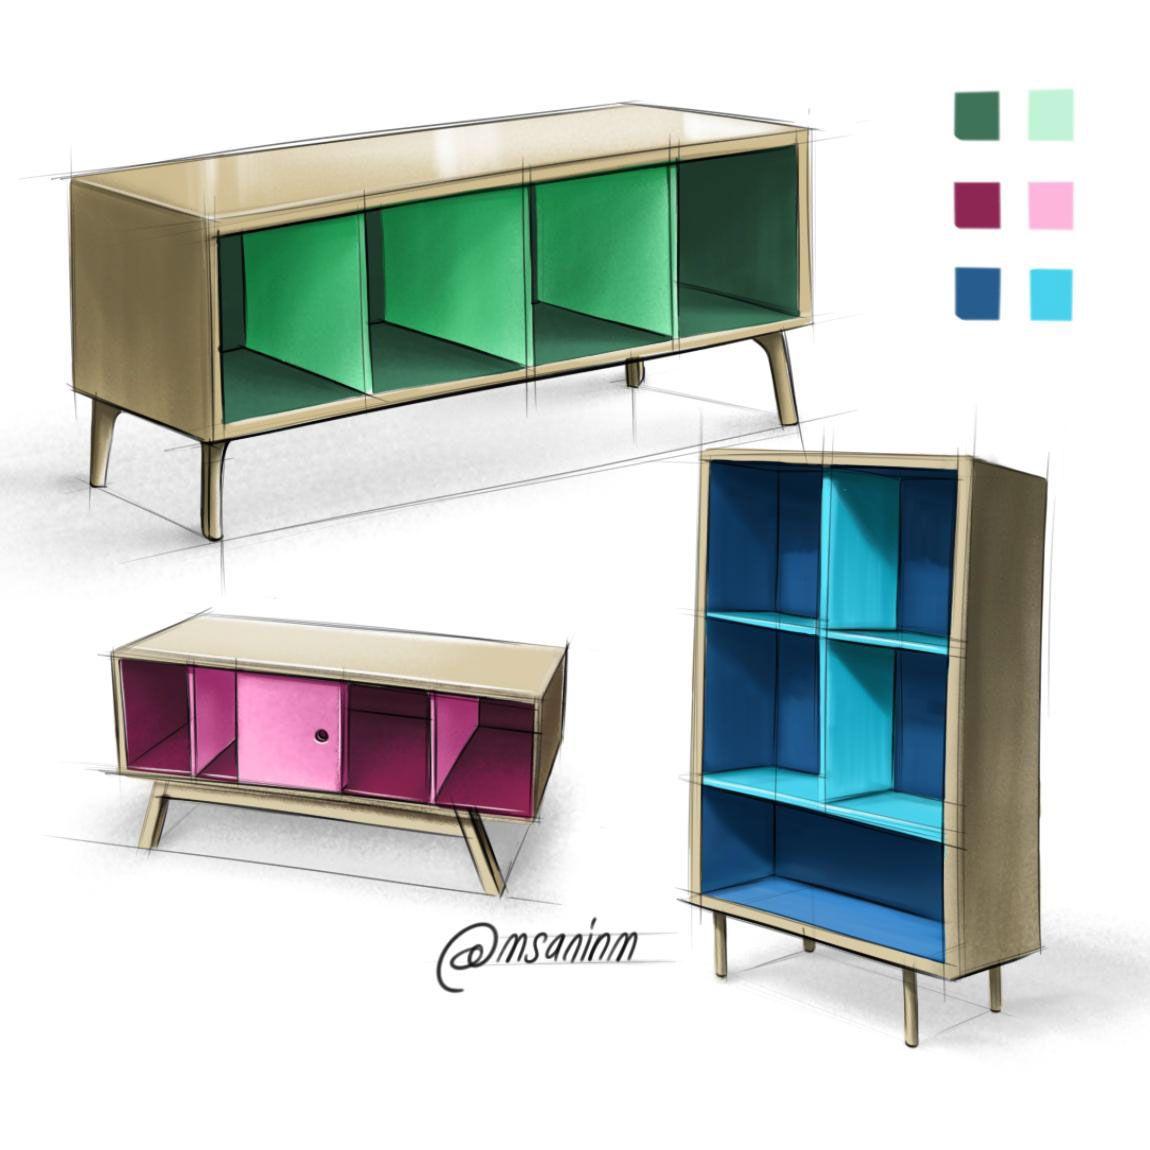 Desarrollo de conceptos y propuestas cool ideas pinterest muebles concepto y dise o - Muebles diseno industrial ...